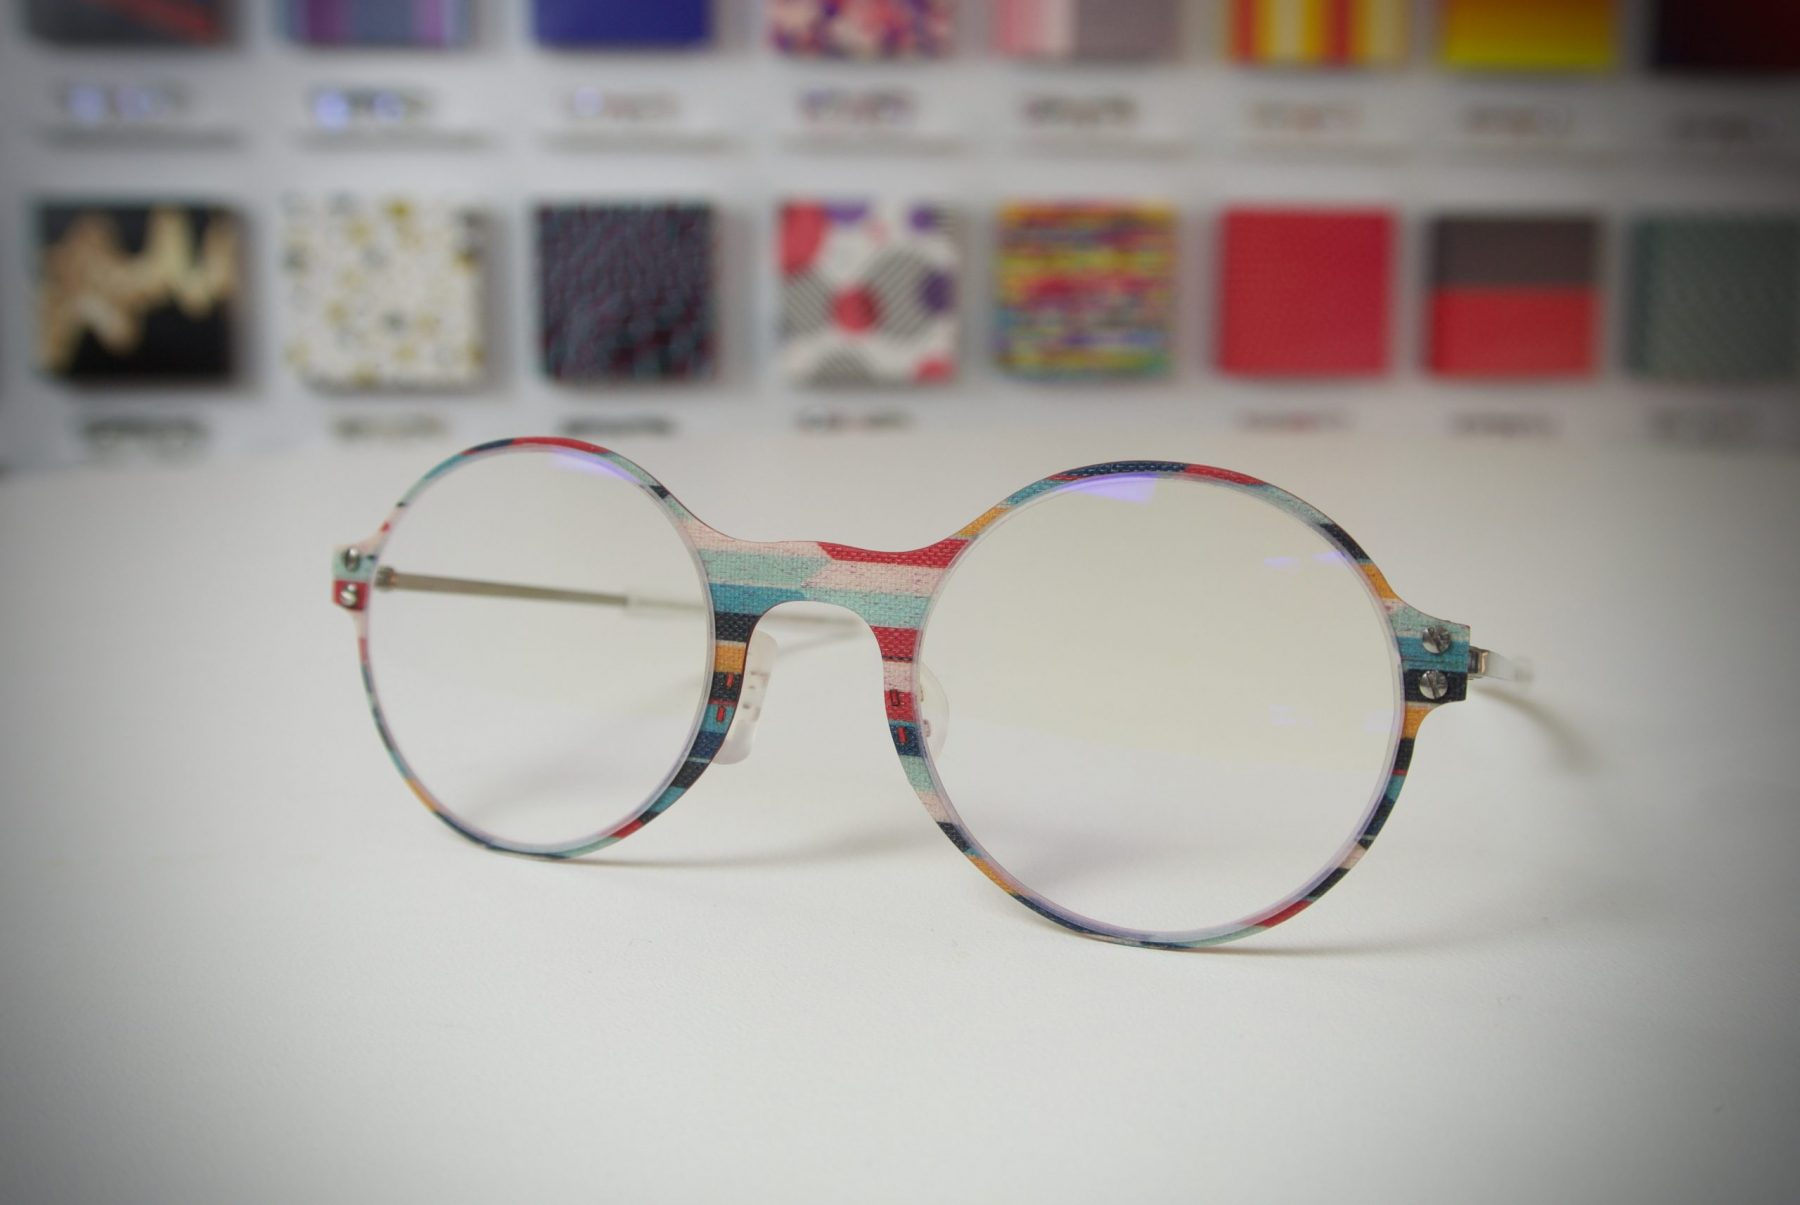 Transofmers mintájú szemüveg